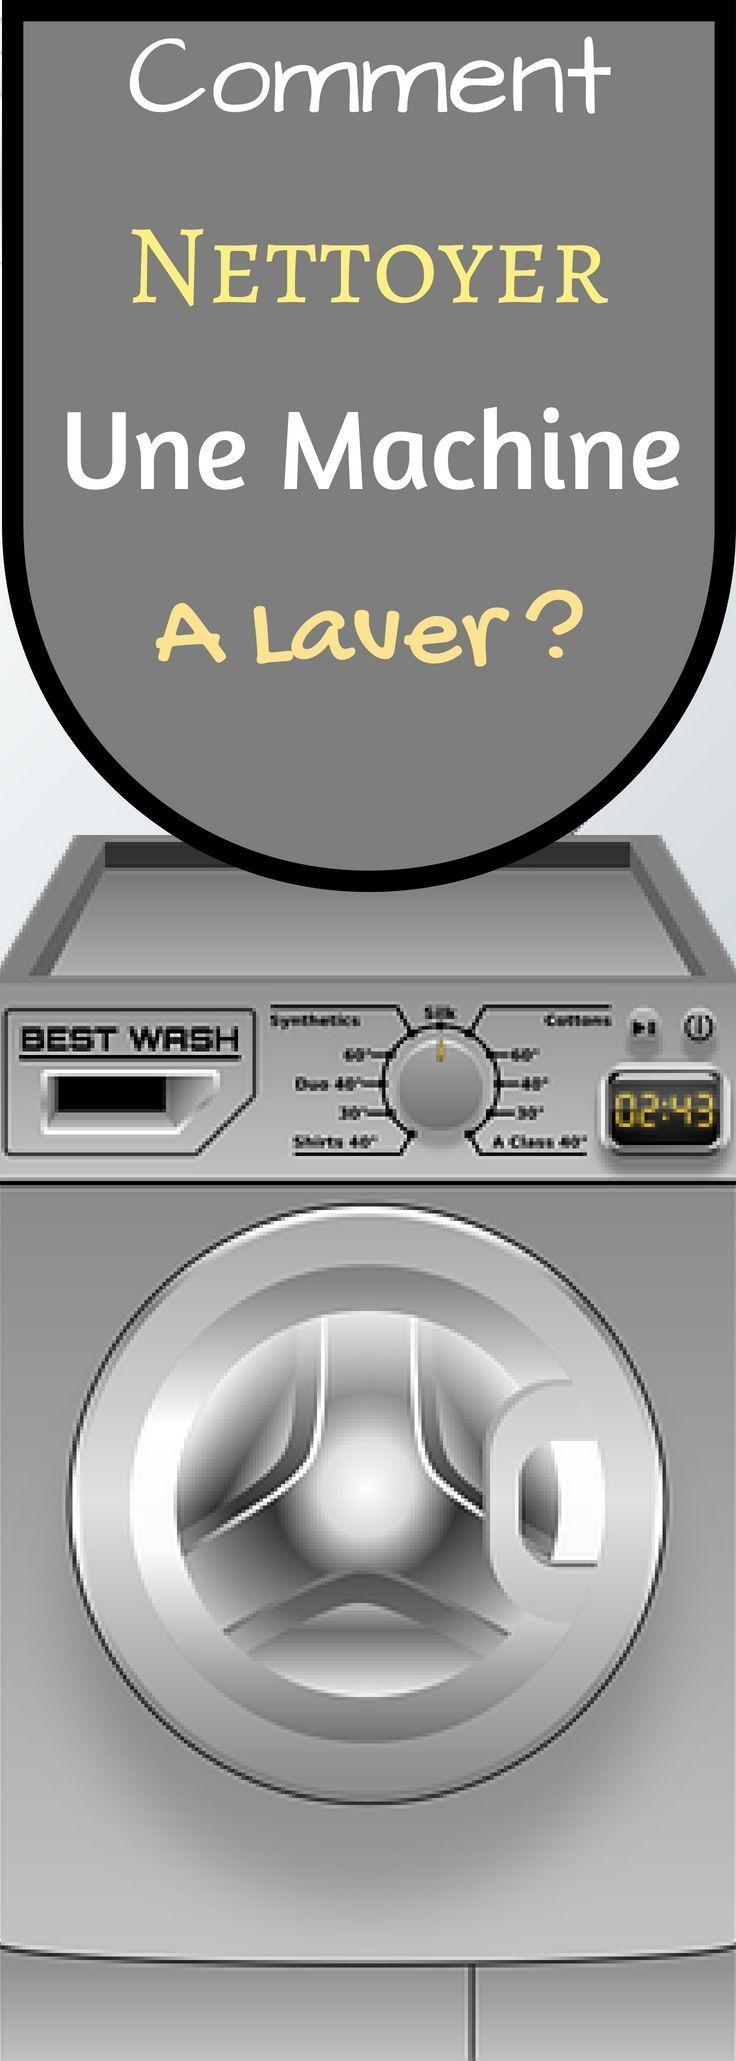 comment nettoyer une machine laver astuces pour les parents machine laver nettoyage. Black Bedroom Furniture Sets. Home Design Ideas